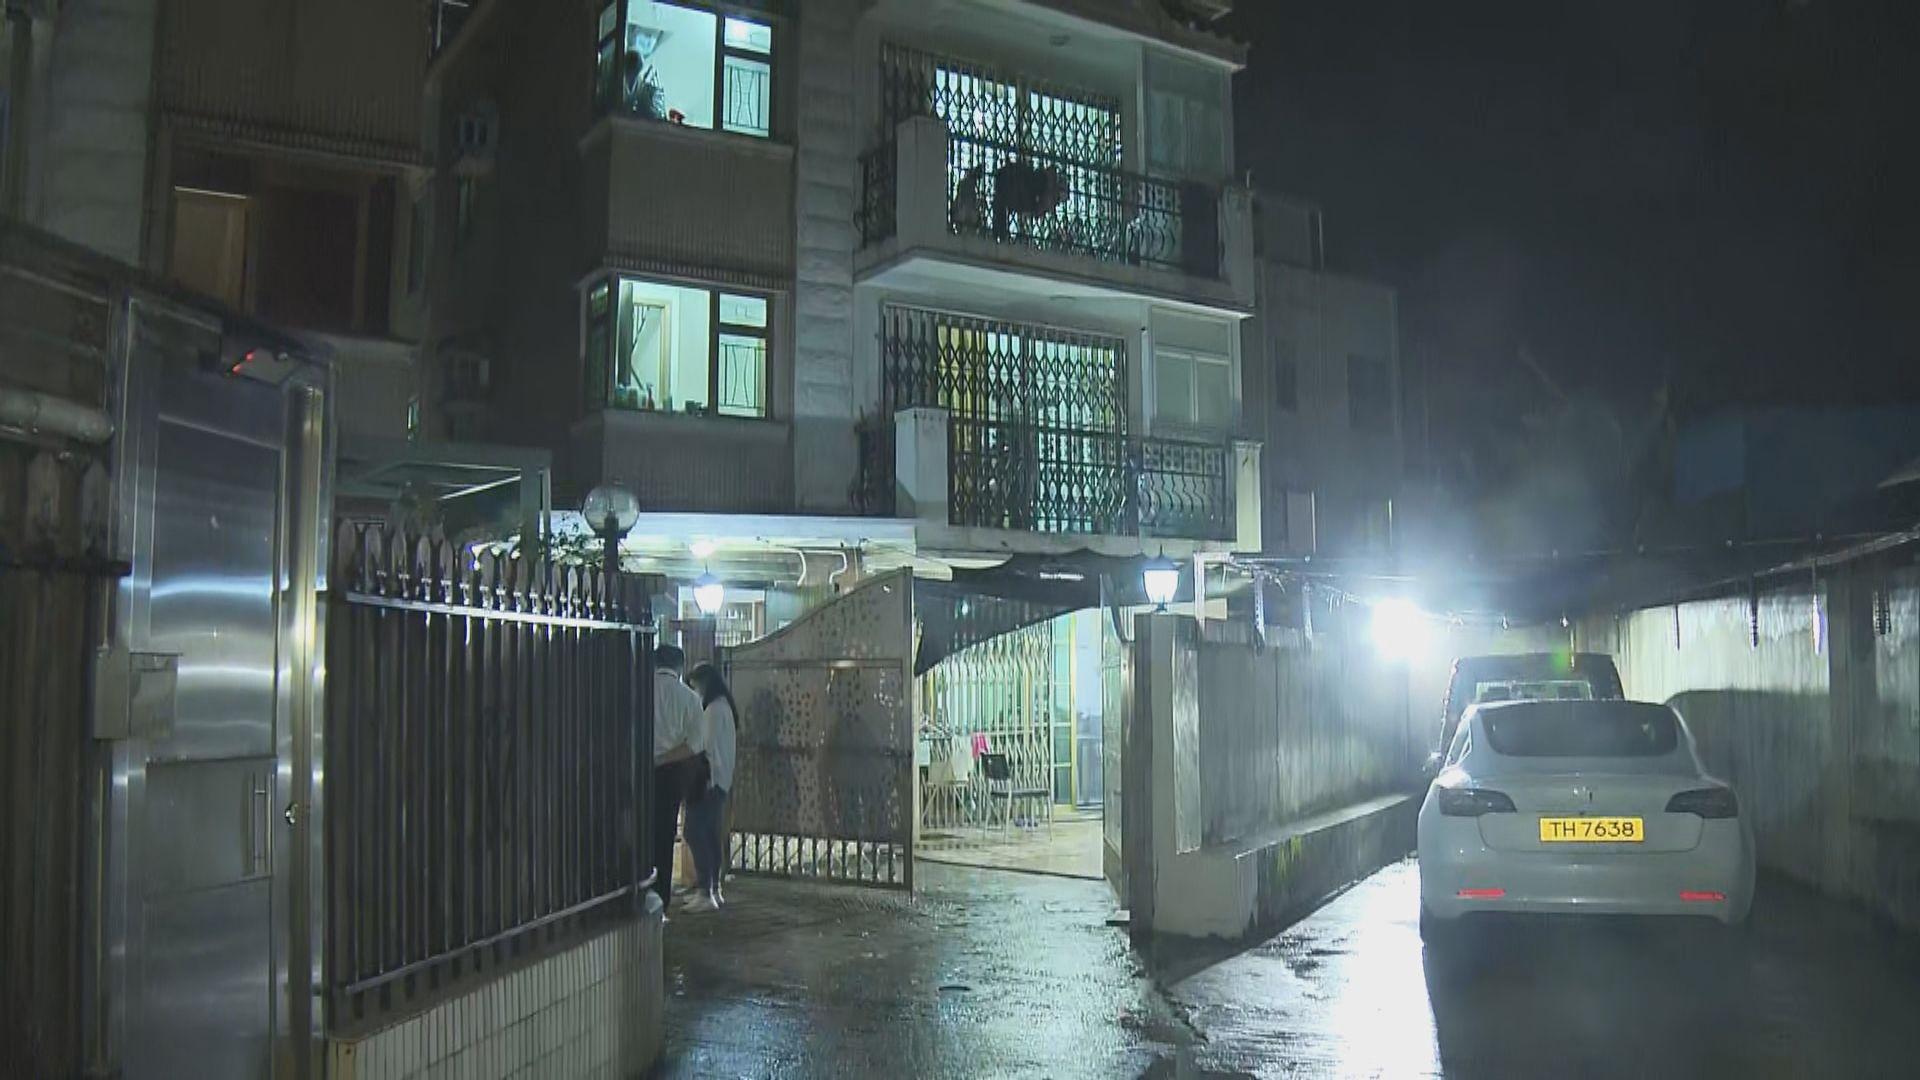 屯門獨立屋遭爆竊 警拔槍拘三賊